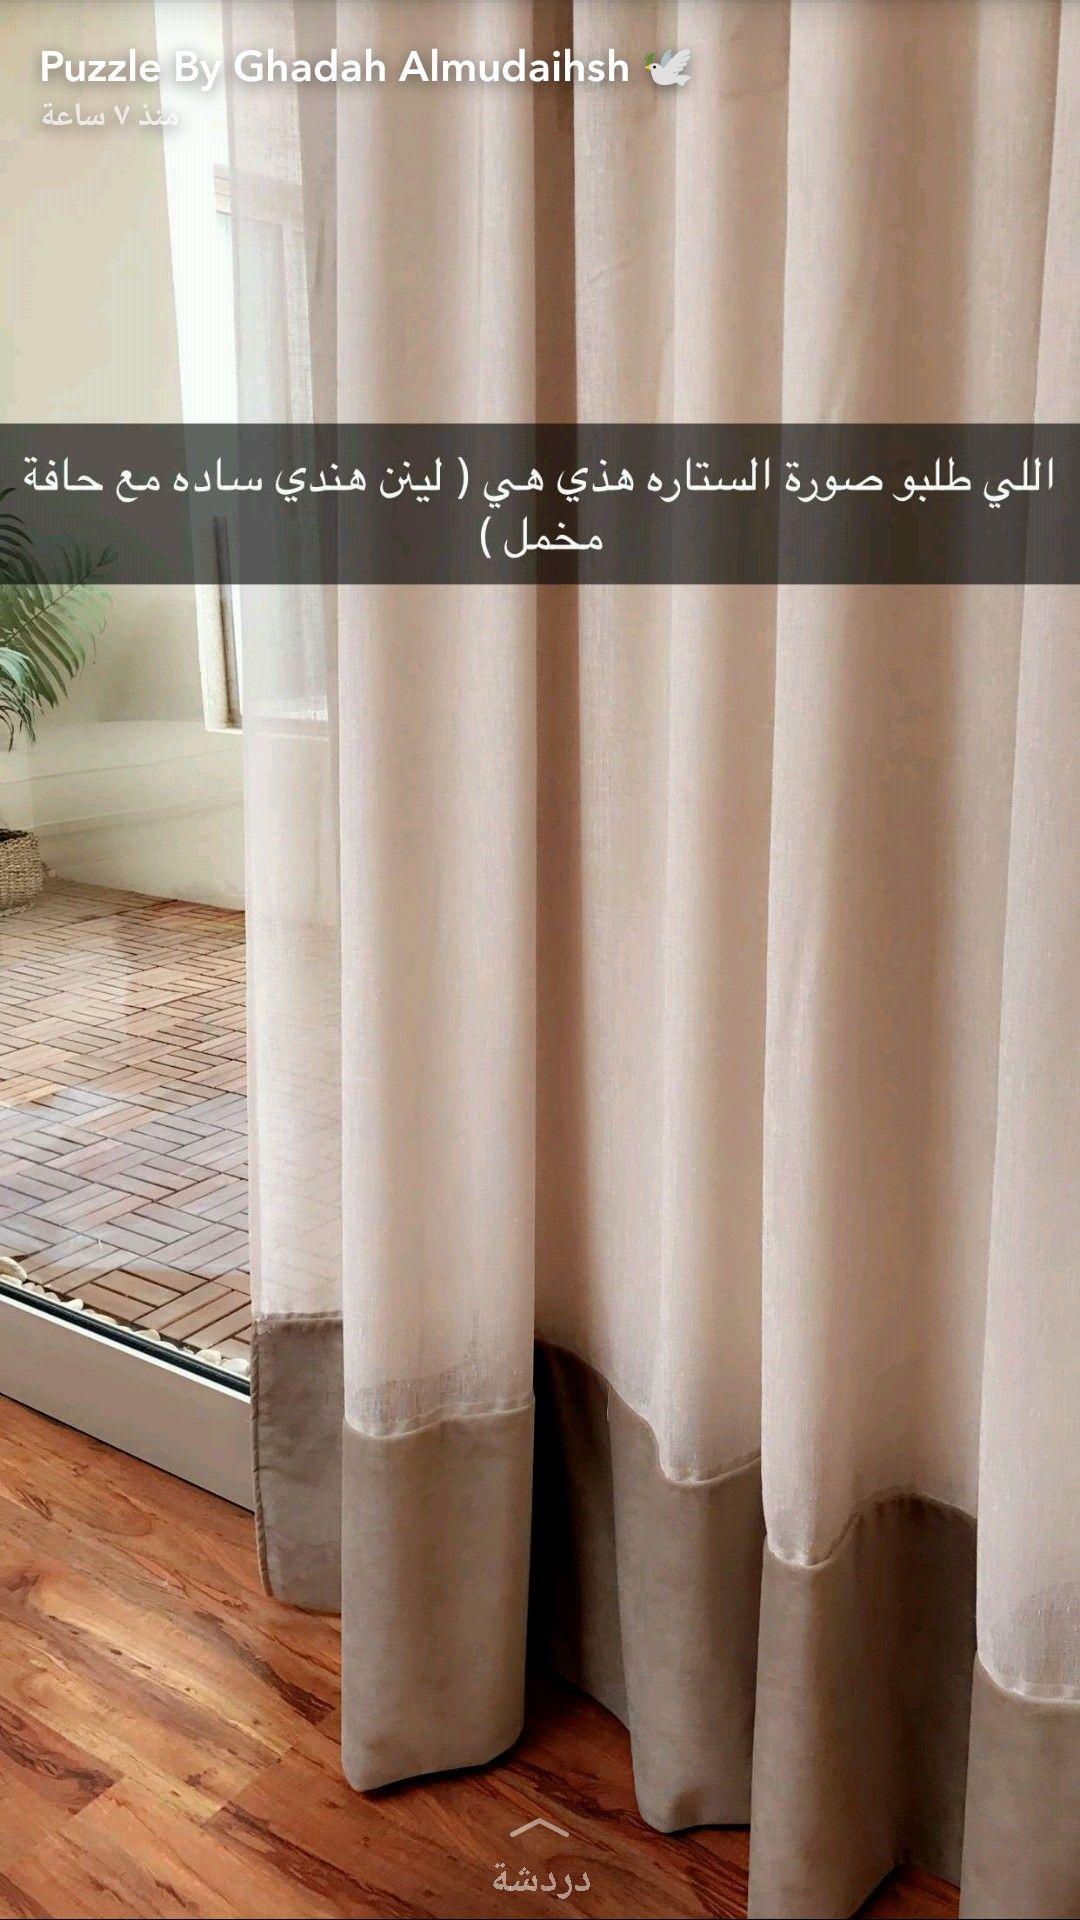 غاده المديهش Home Goods Decor Living Room Decor Curtains Table Decor Living Room